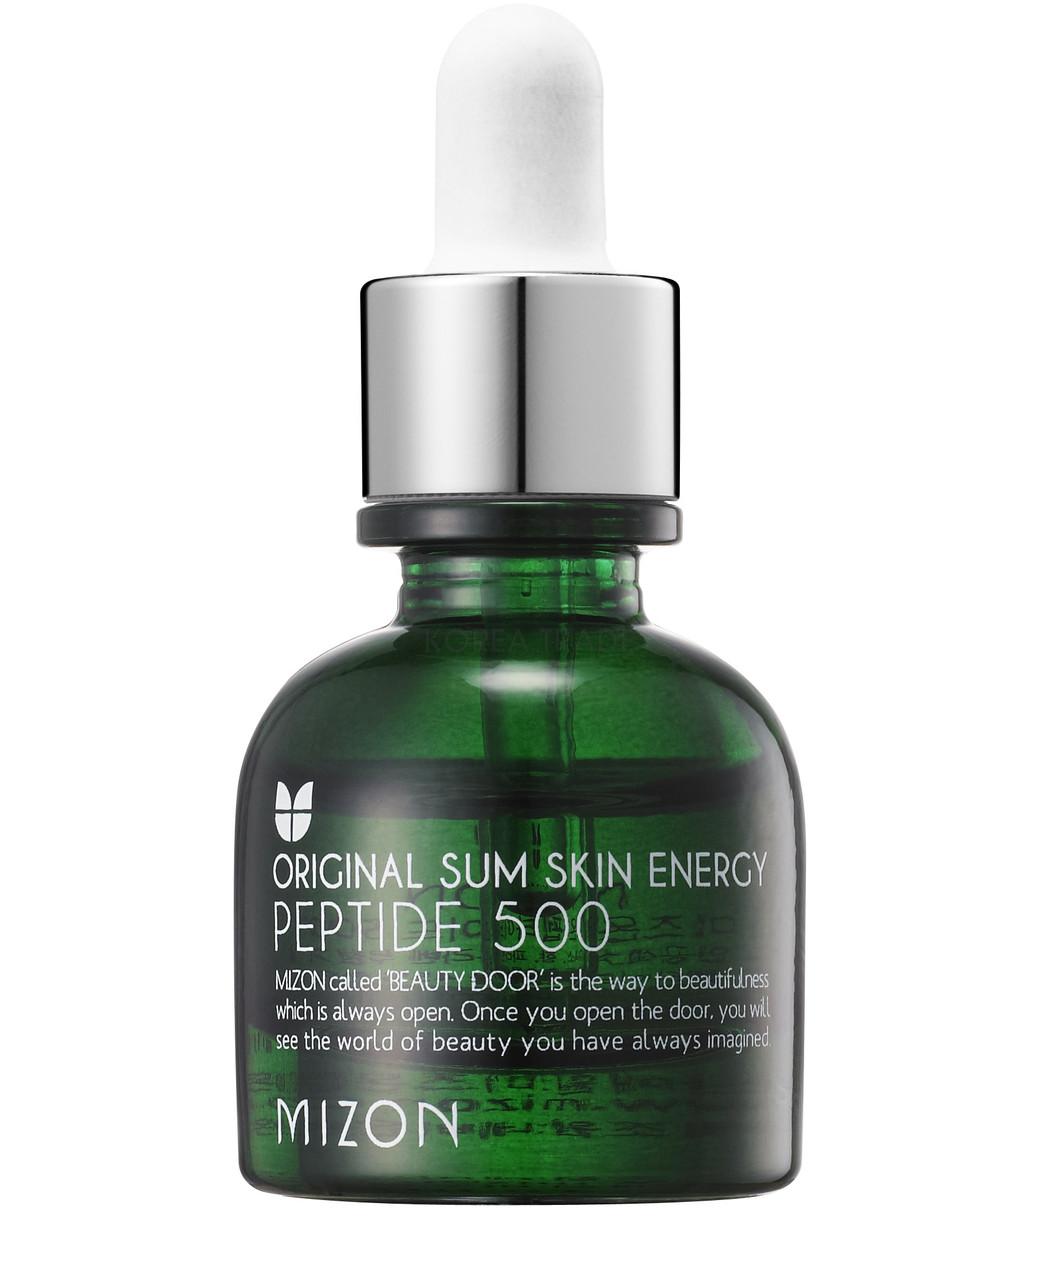 Акція -15% Пептидная сыворотка Mizon Original Skin Energy Peptide 500 - 30 мл